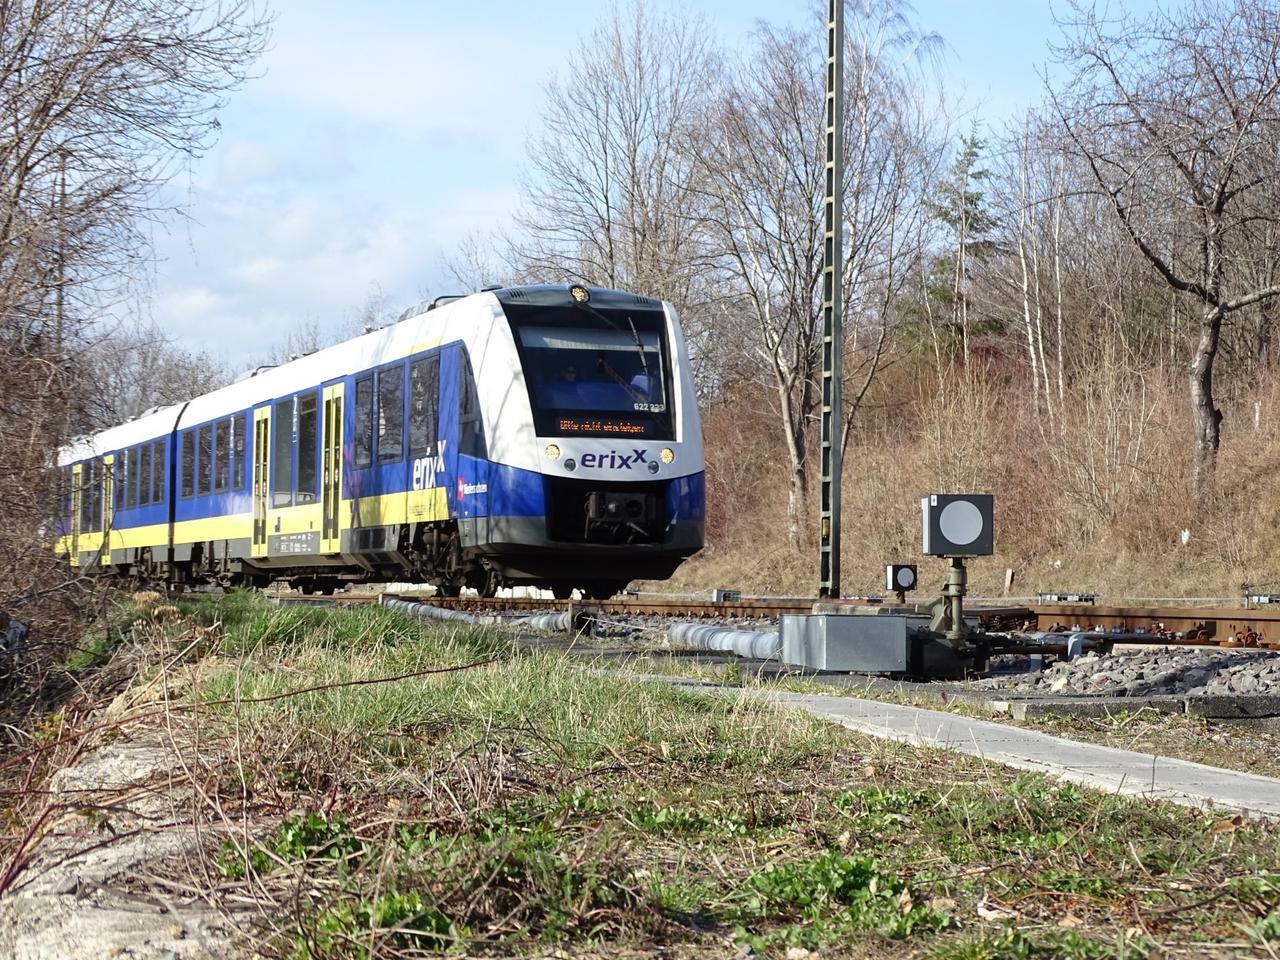 Quietsch-Weiche Bündheim: Sind Züge schuld?